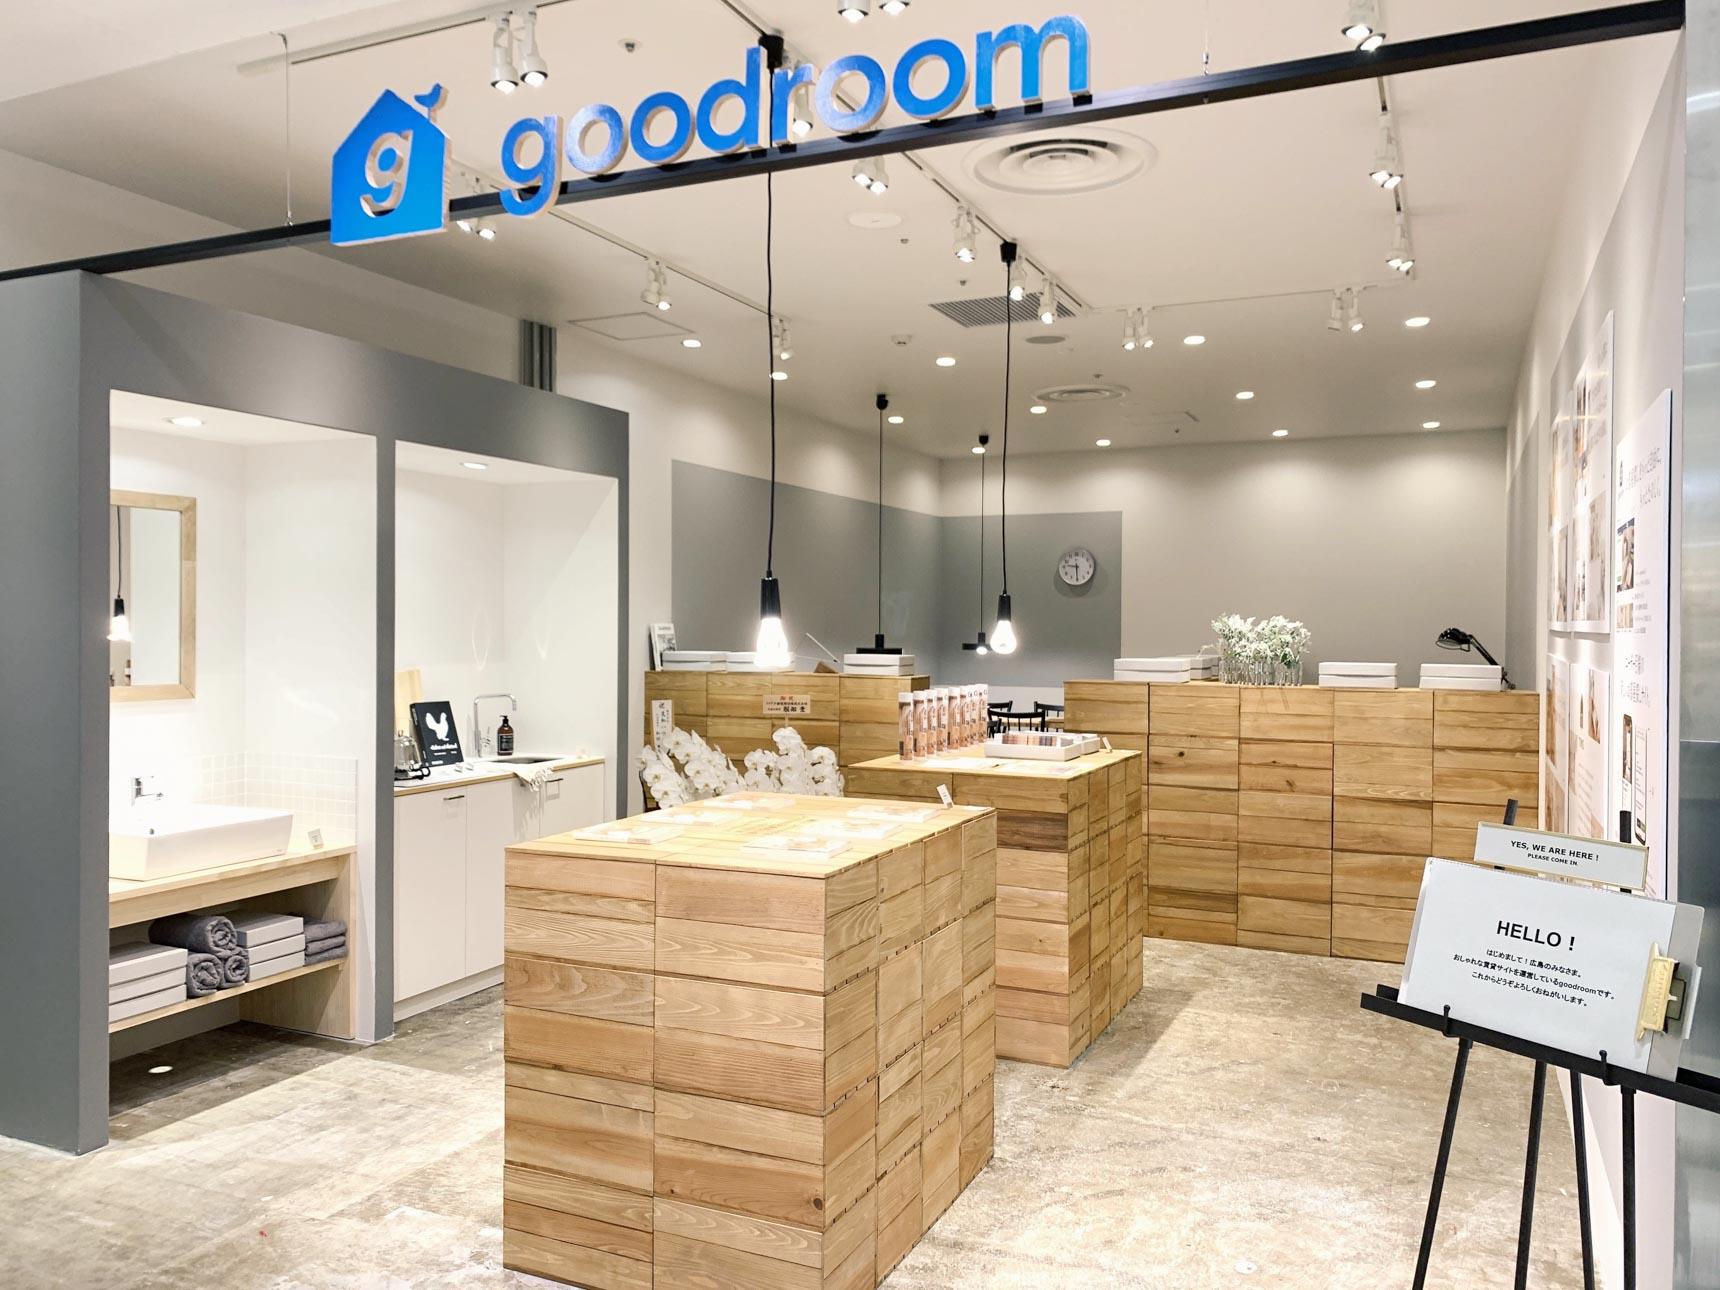 会場は、広島PARCOにこの夏オープンした、goodroom広島店です